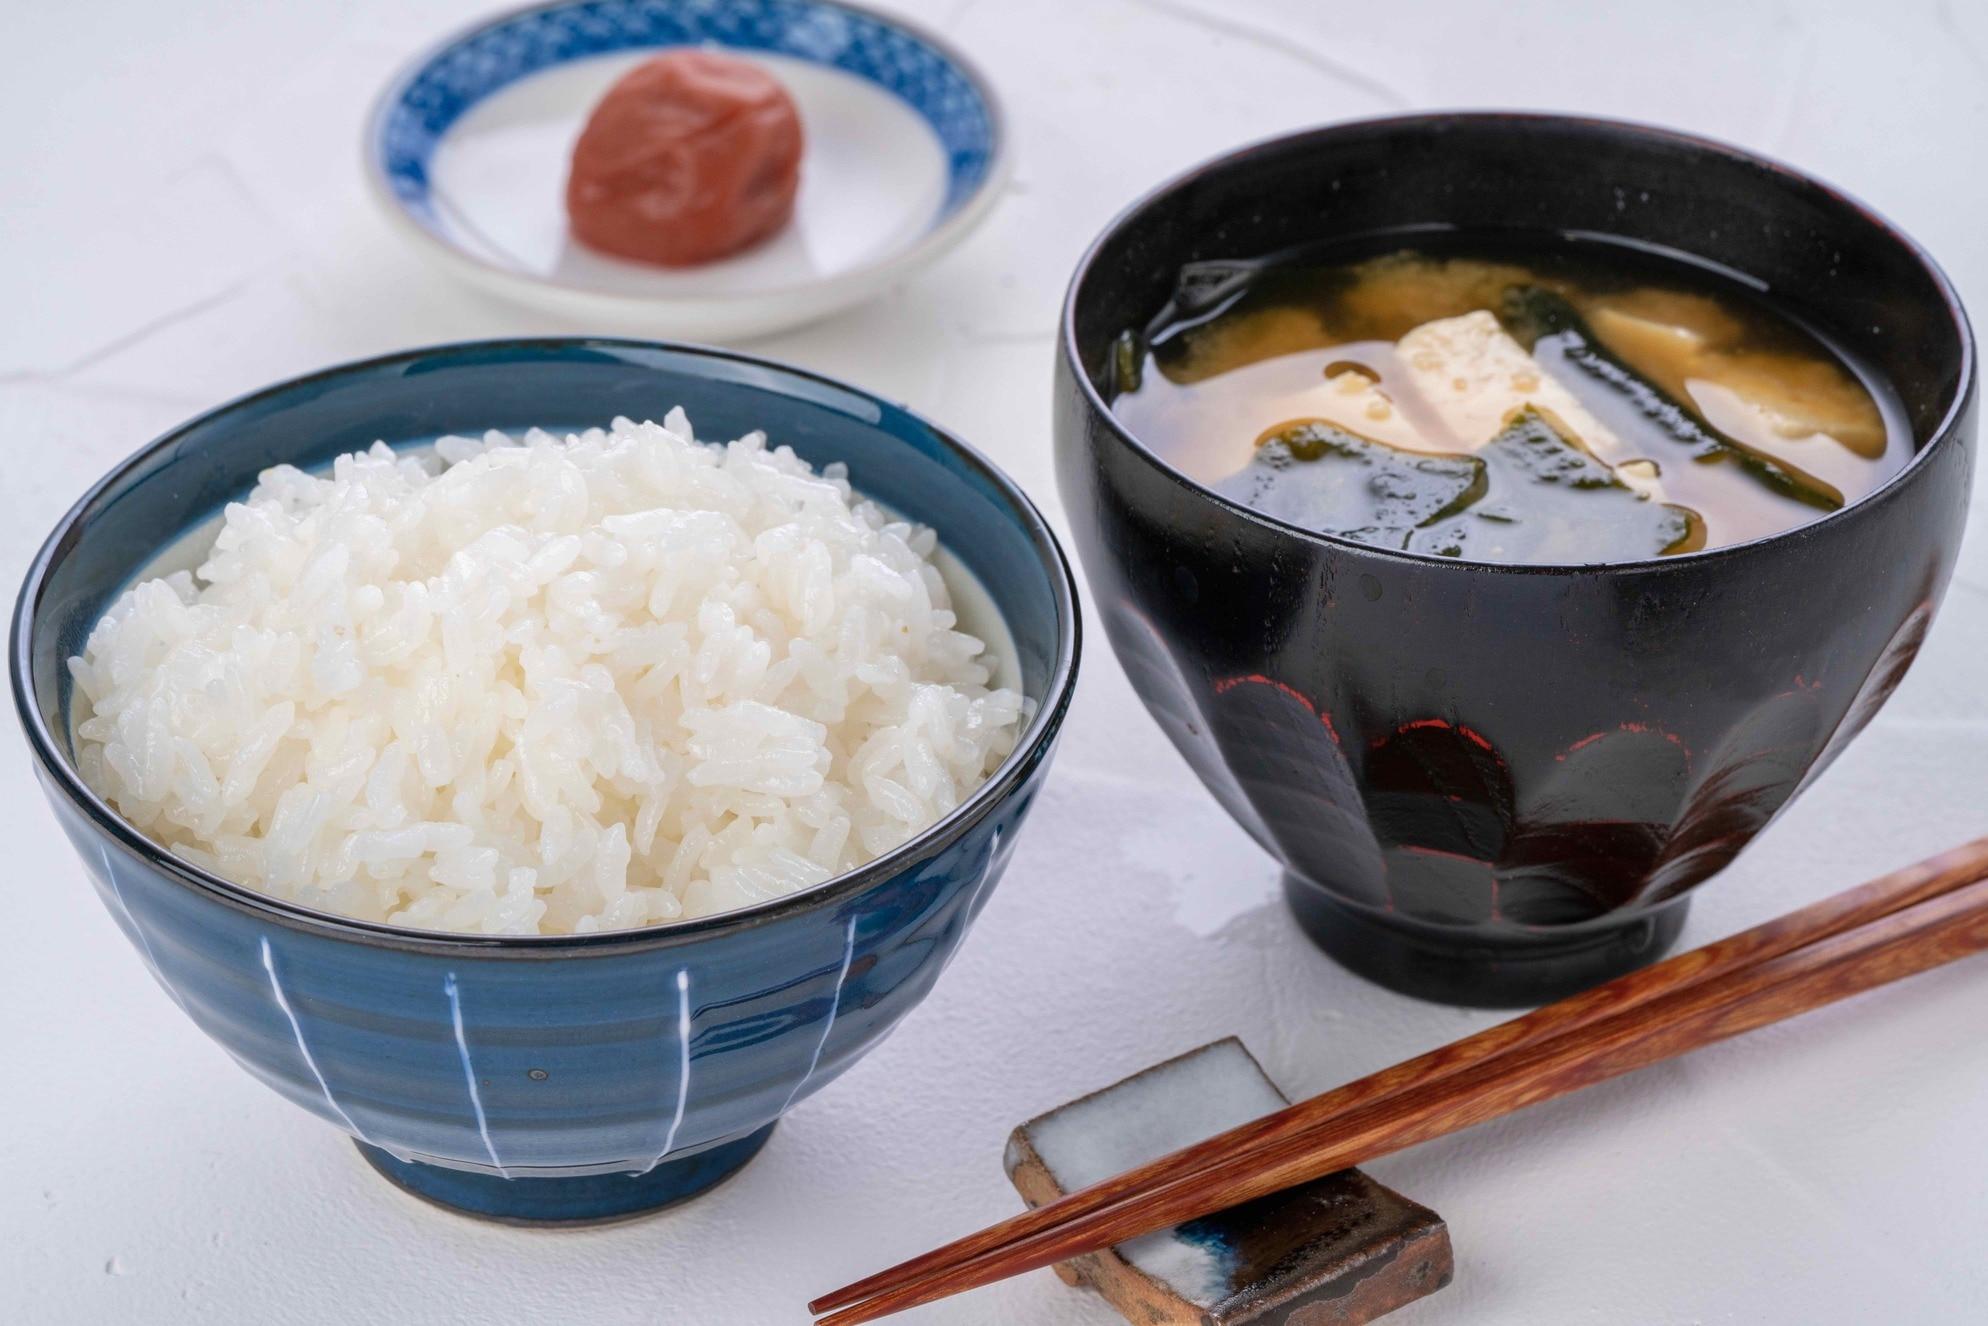 北海道産ゆめぴりかの白飯と味噌汁と梅干し,小坂農園の炊きたてご飯